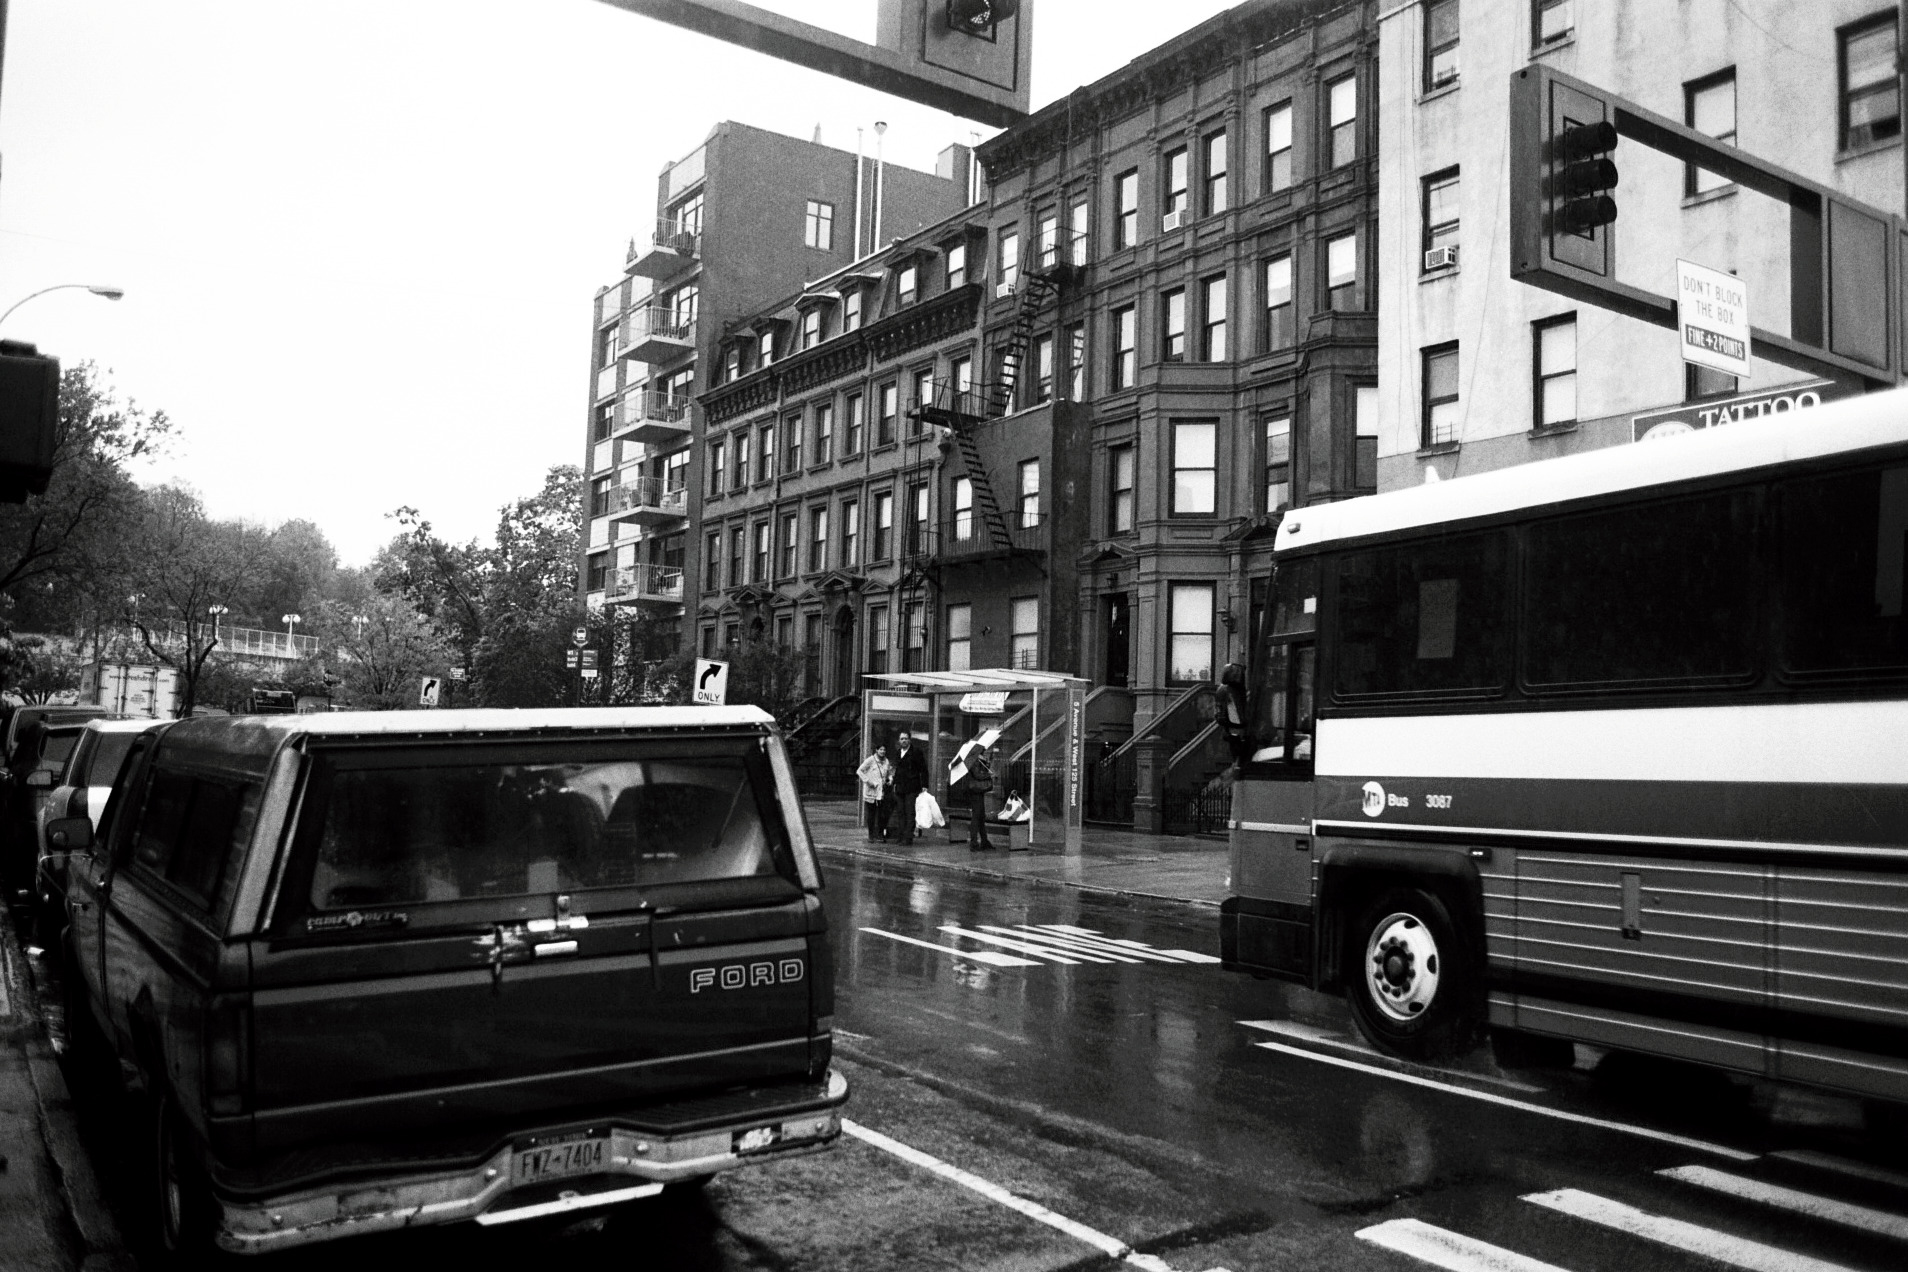 Avril 2012 - Un dimanche à Harlem